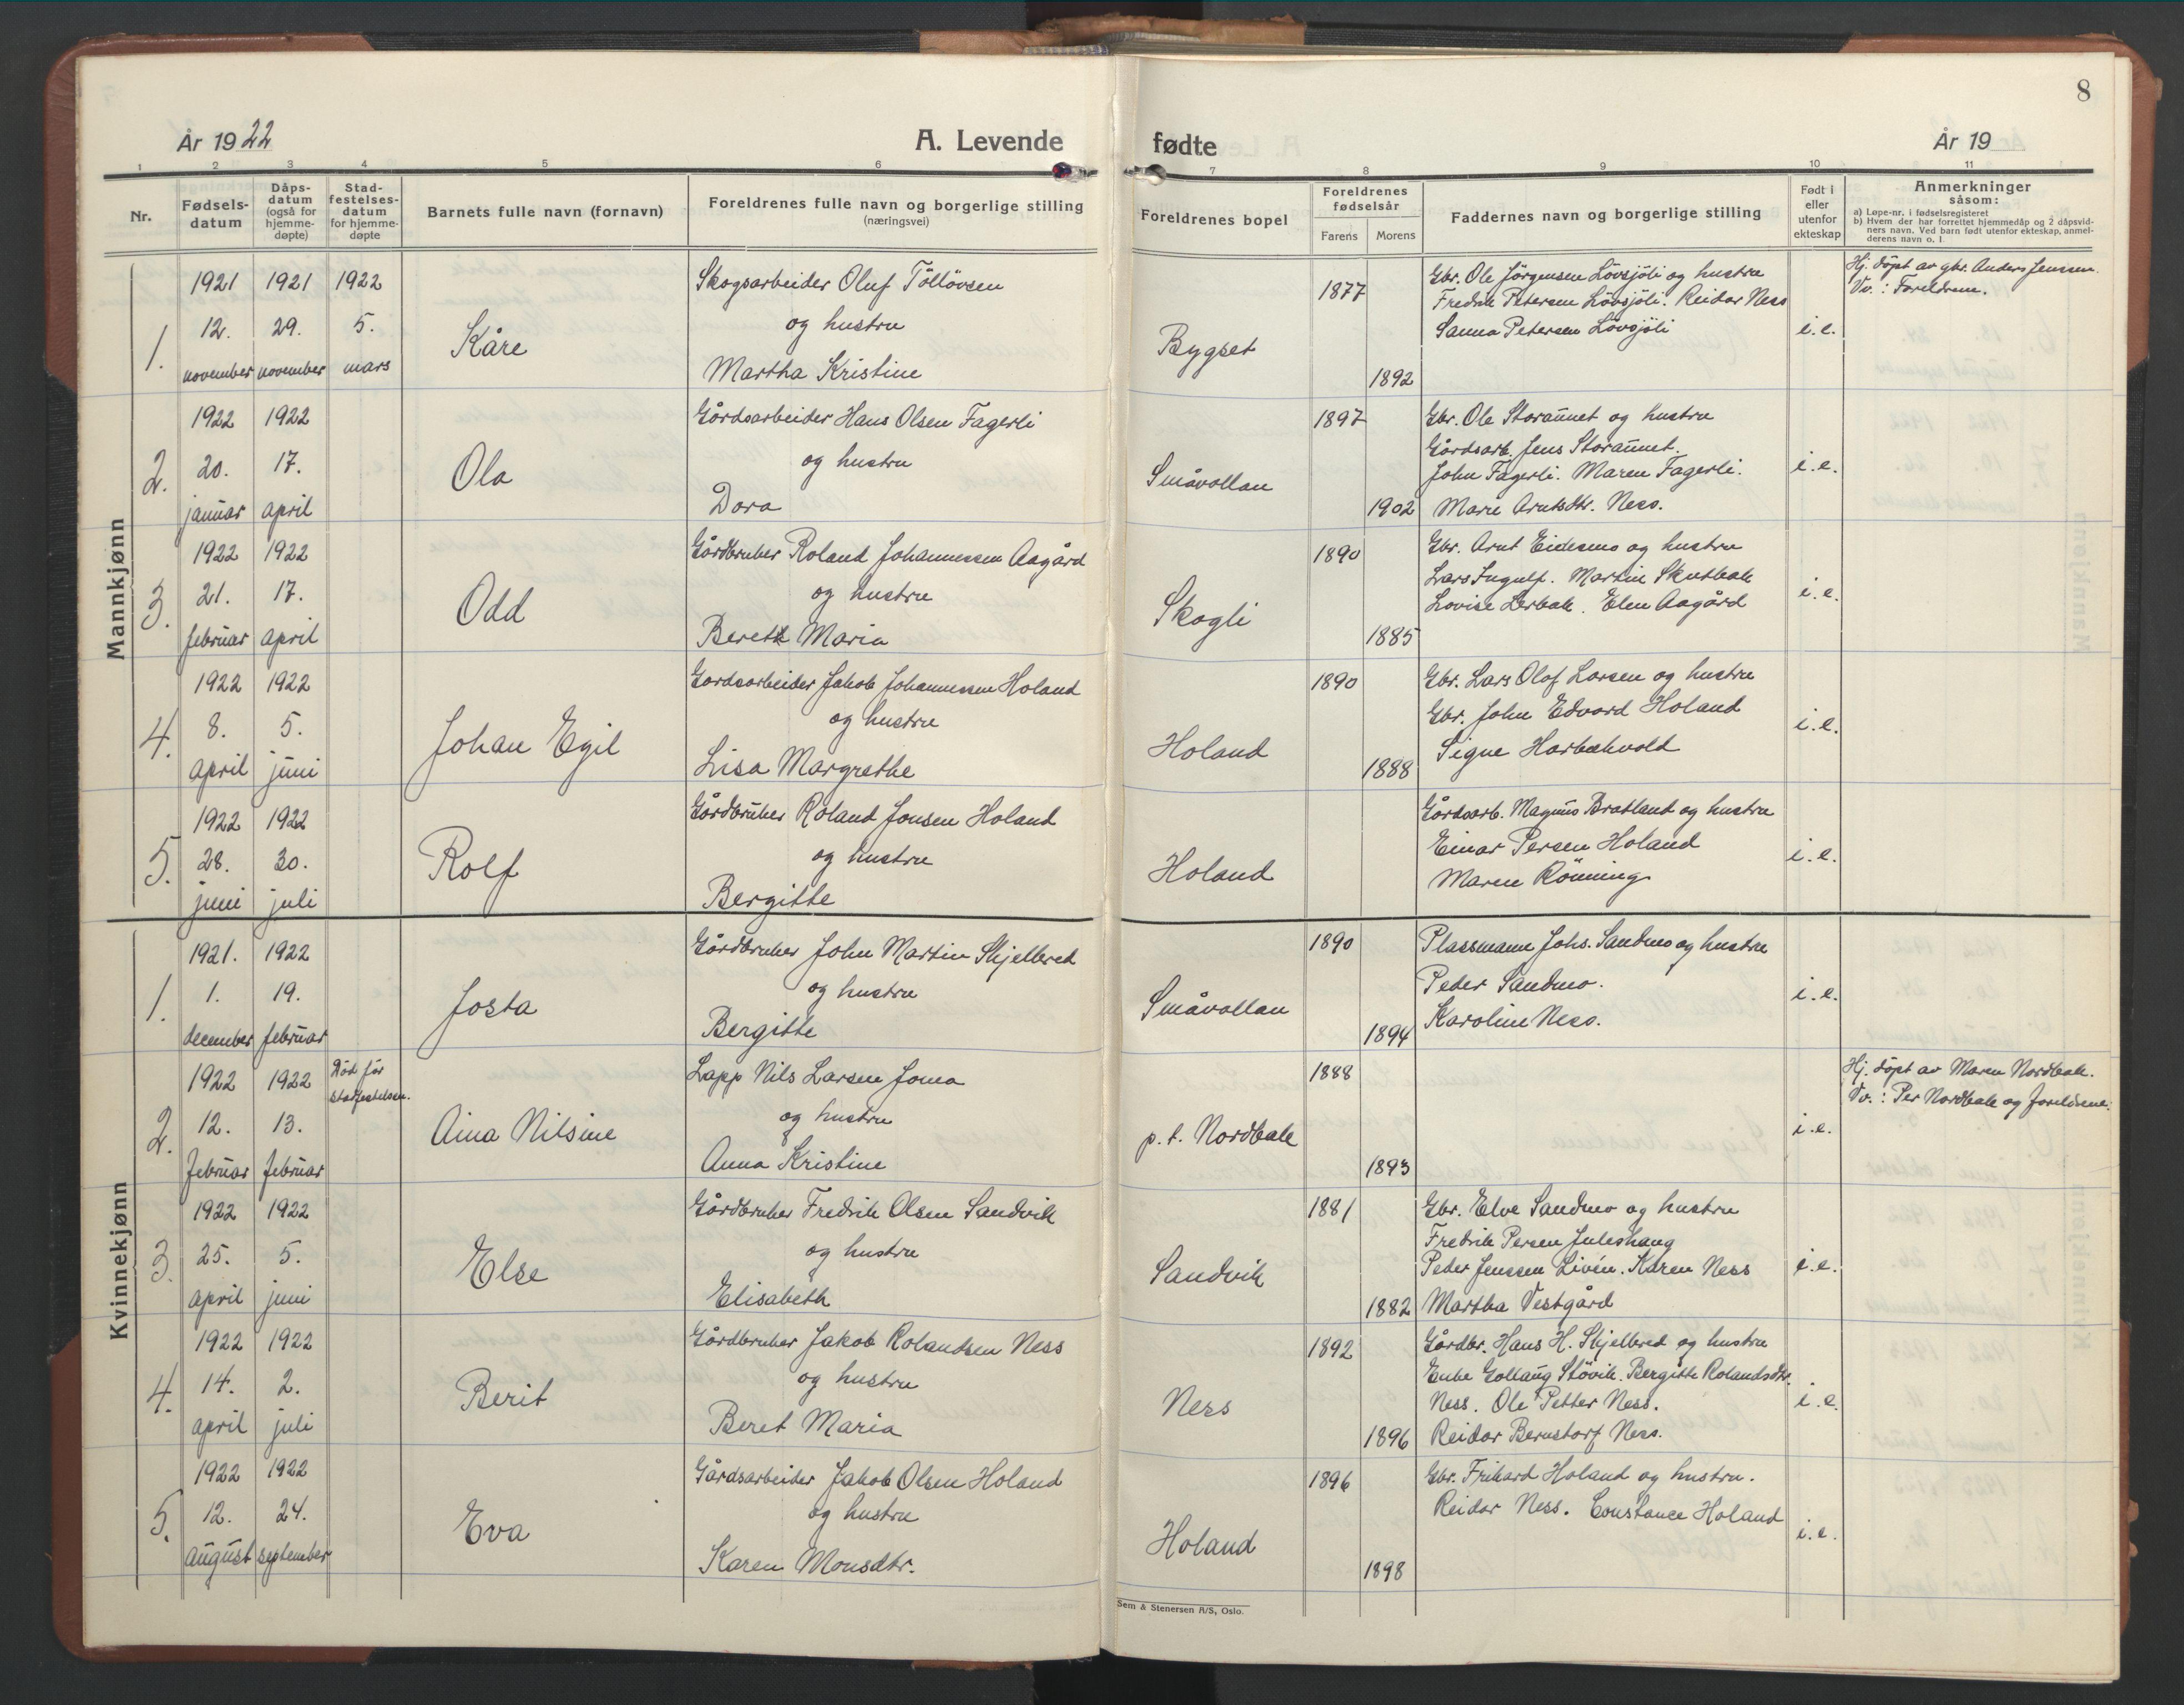 SAT, Ministerialprotokoller, klokkerbøker og fødselsregistre - Nord-Trøndelag, 755/L0500: Klokkerbok nr. 755C01, 1920-1962, s. 8